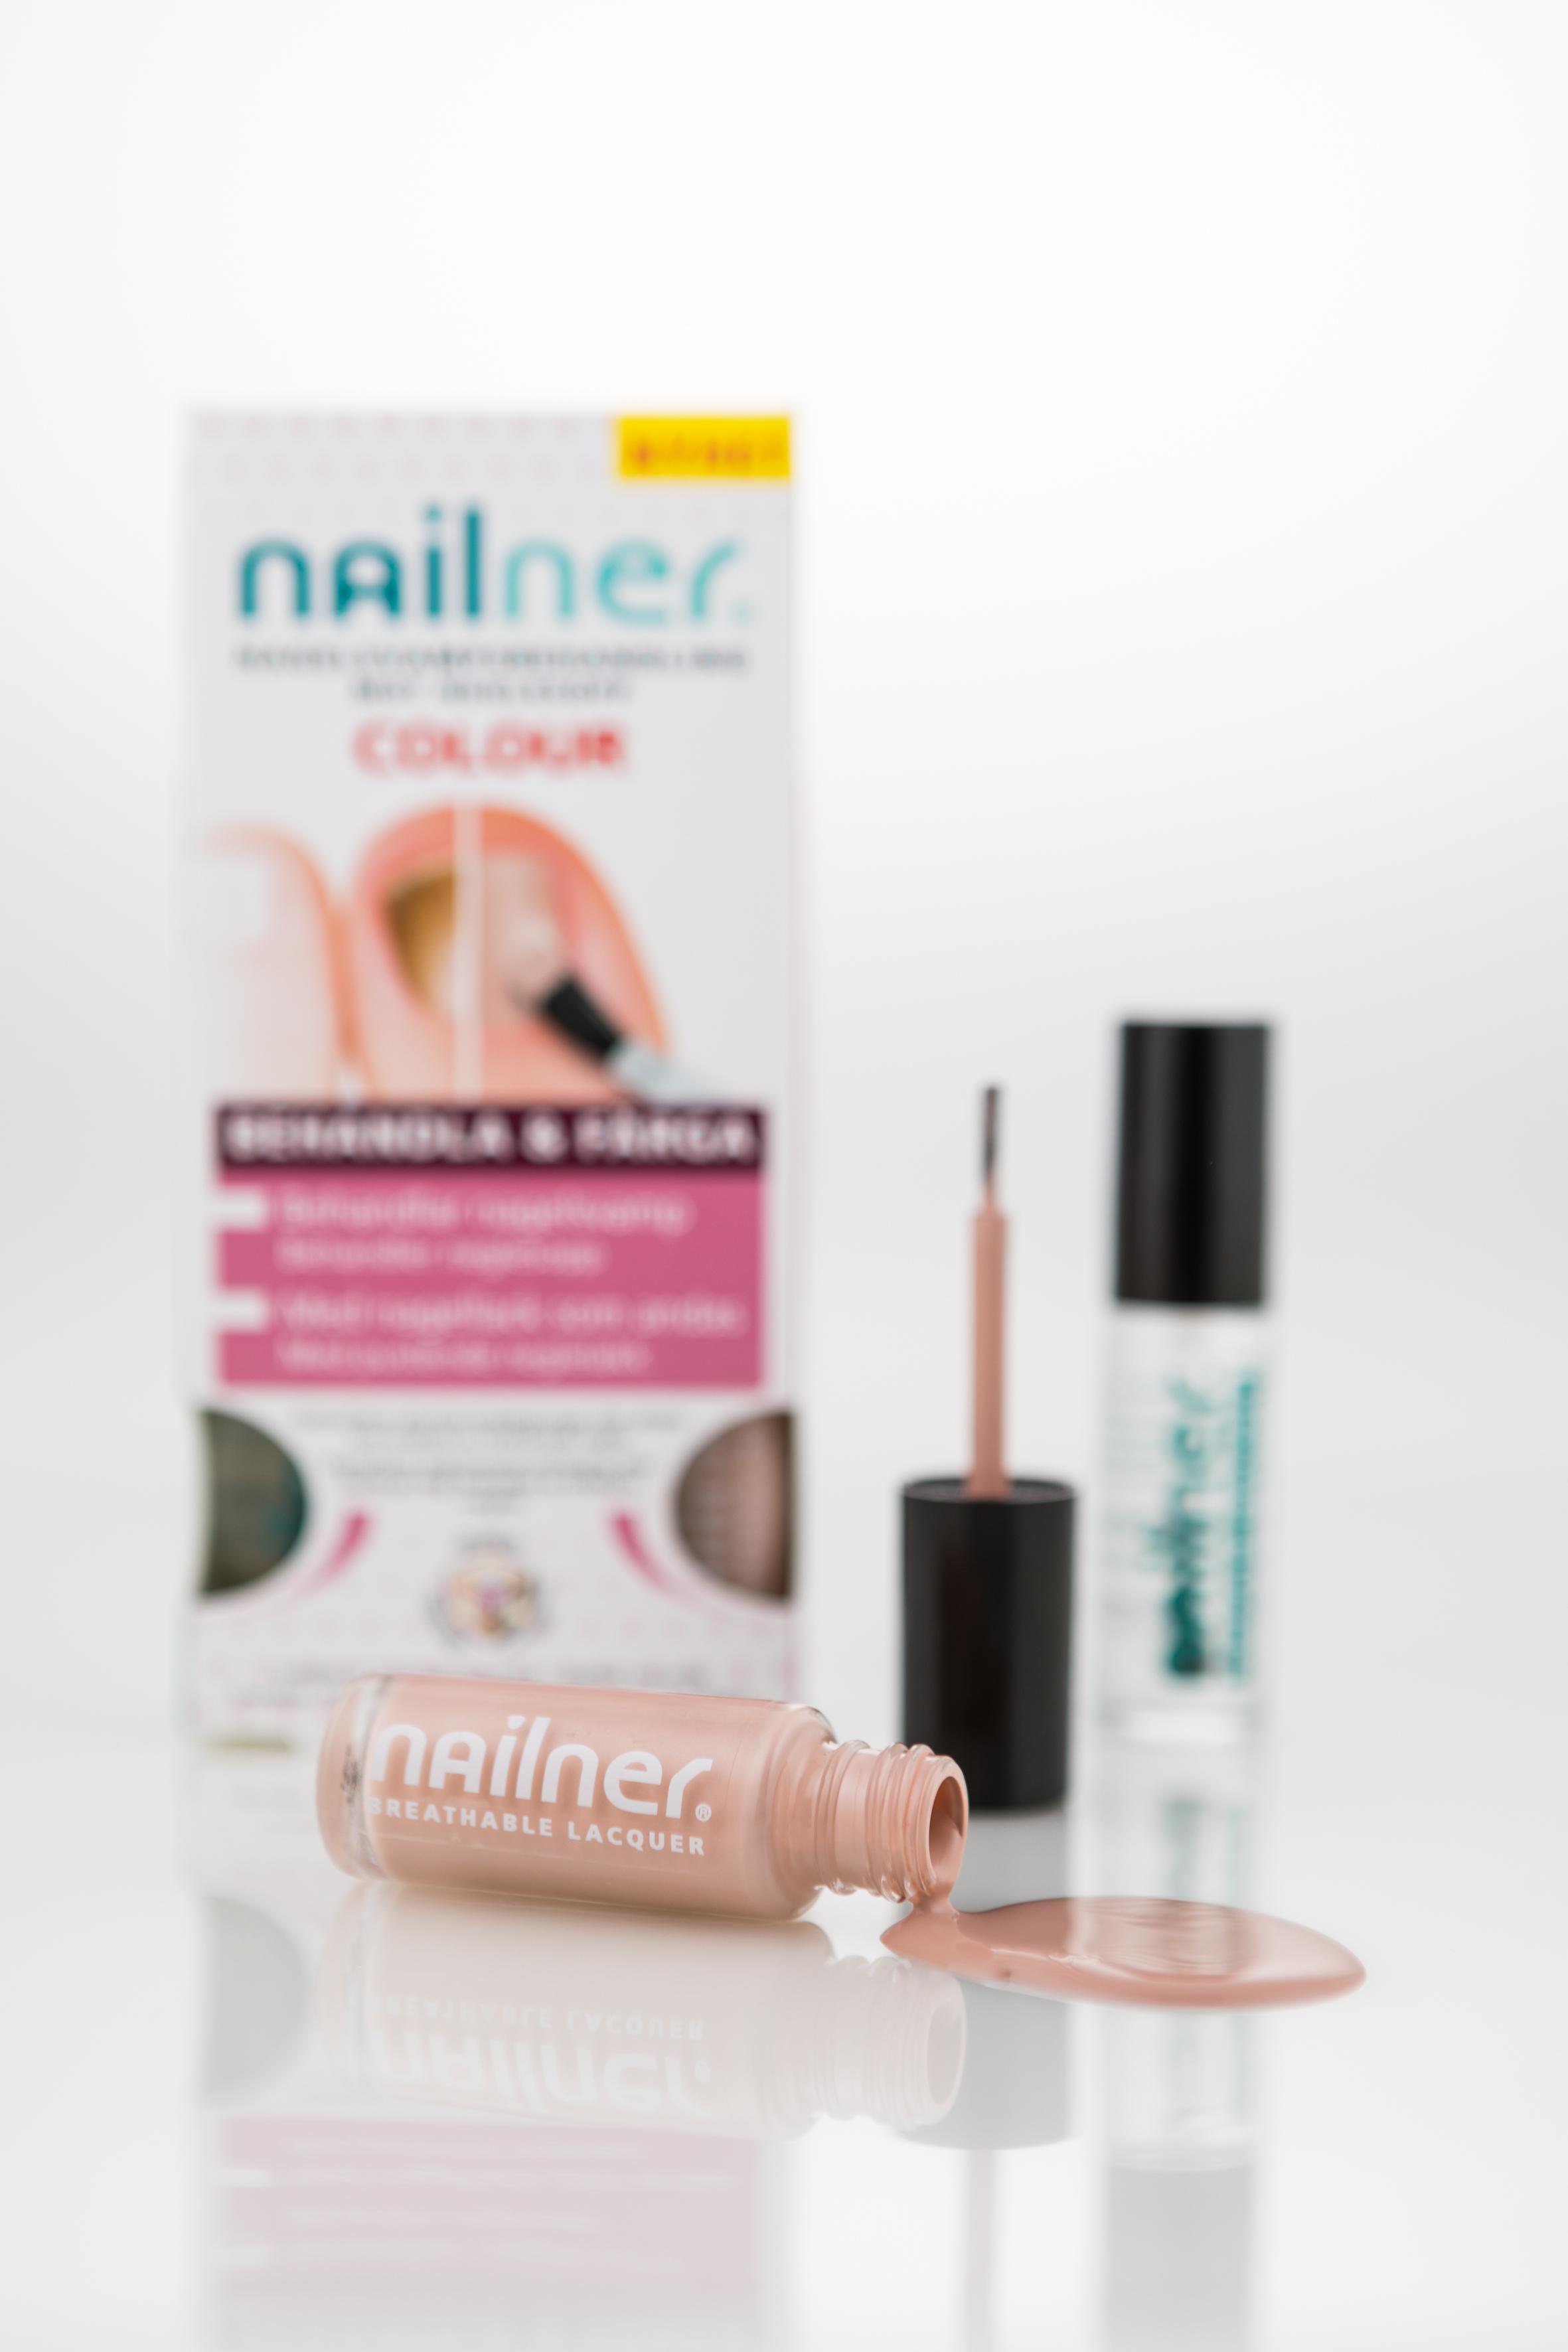 Bild: Nailner Treat & Colour – nagellack speciellt utvecklat för naglar med svamp. 279 kr på Kronans Apotek.